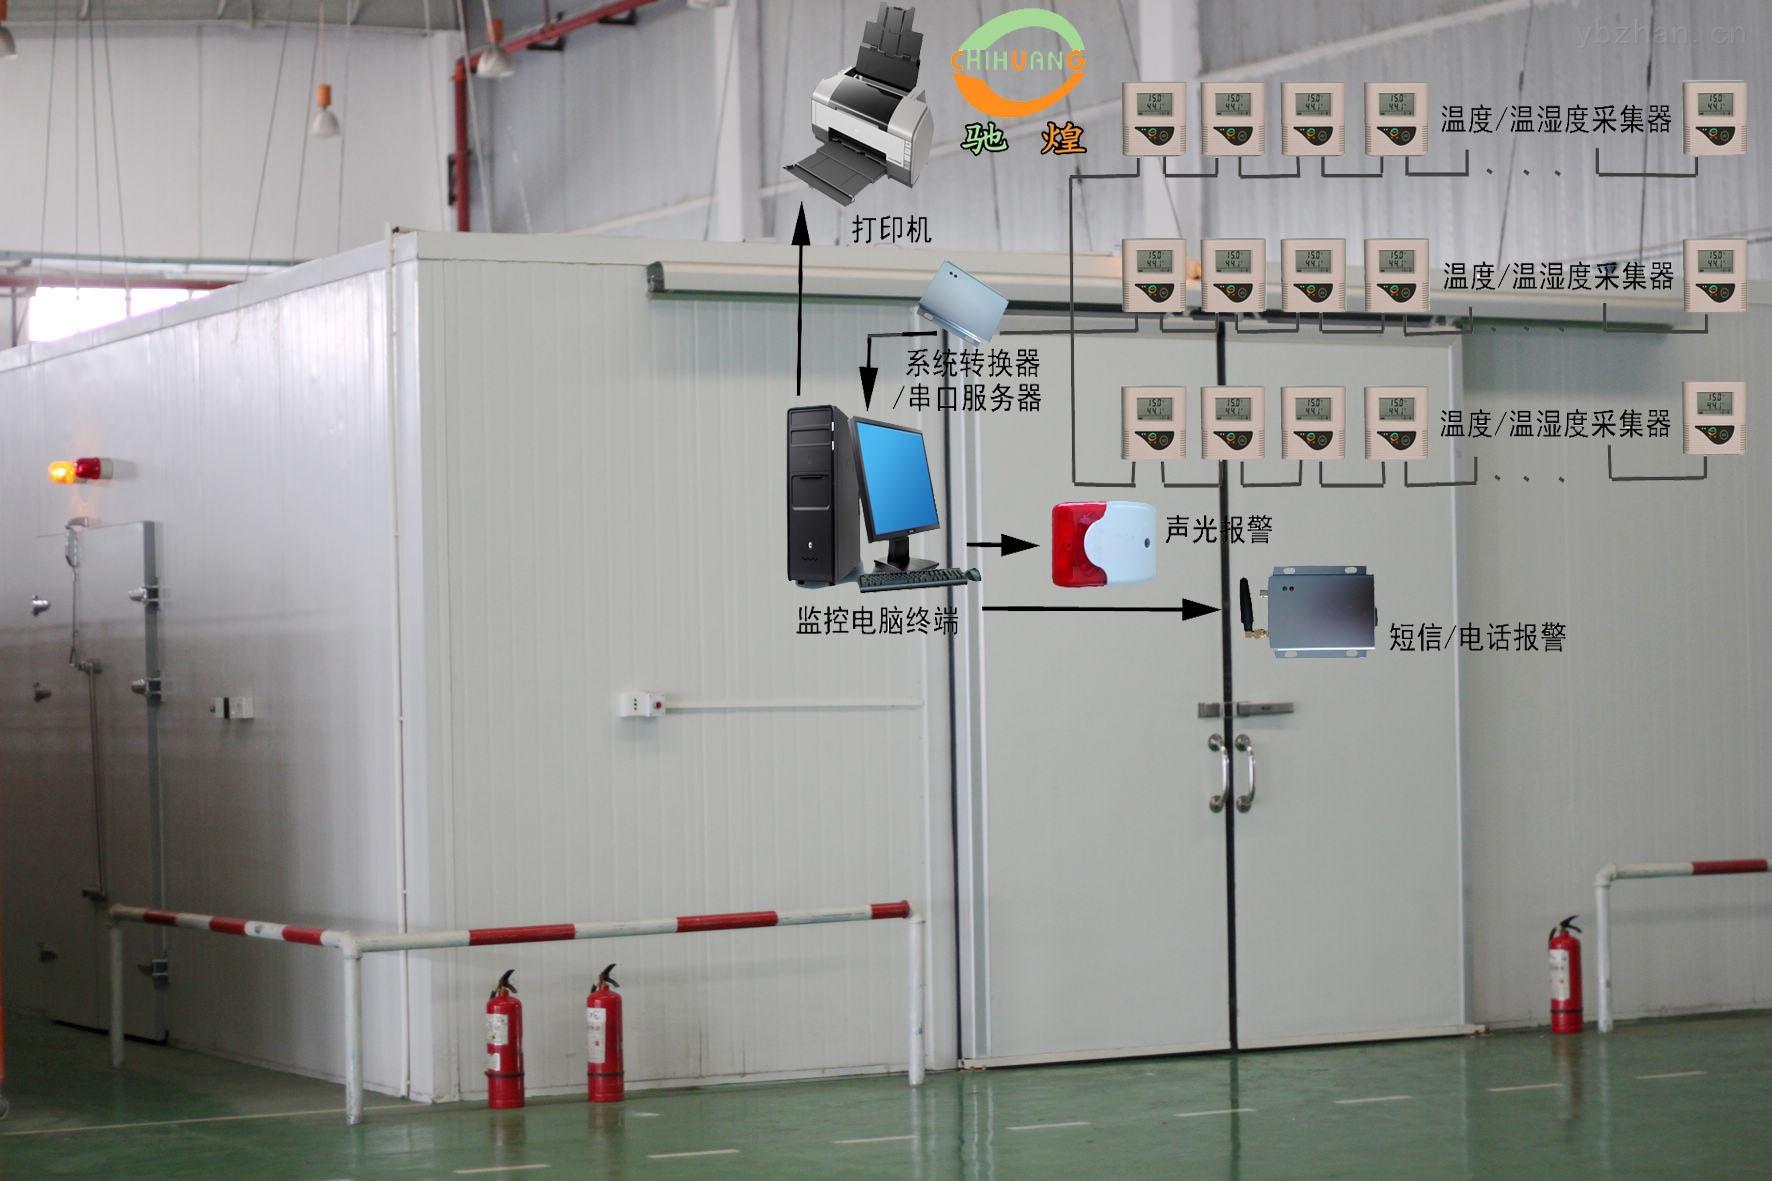 温湿度监控系统(冰箱温度集中监控)